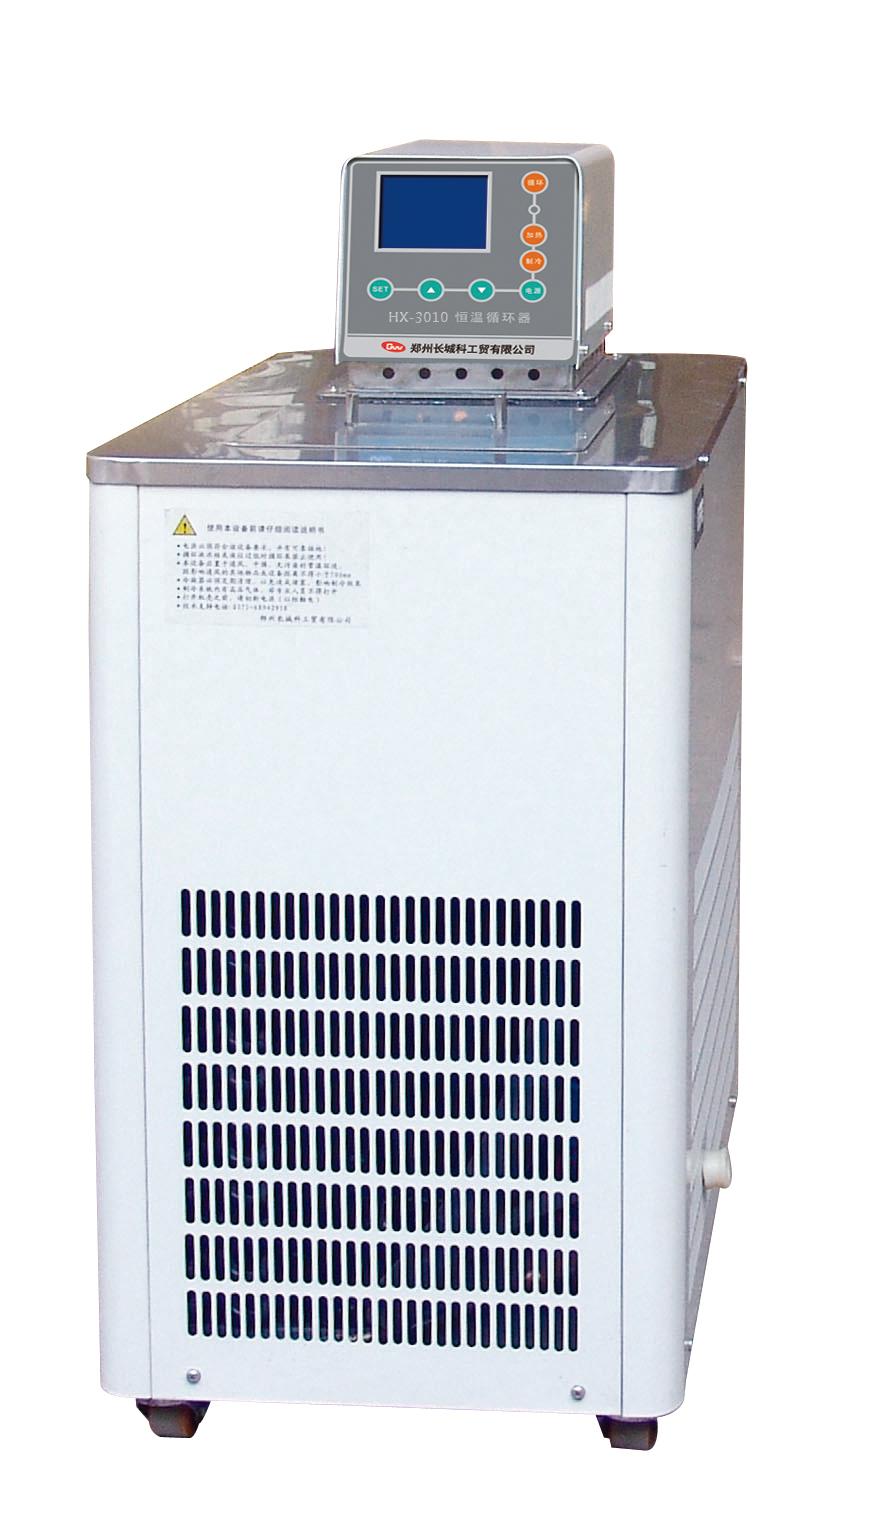 HX-4015恒温循环器